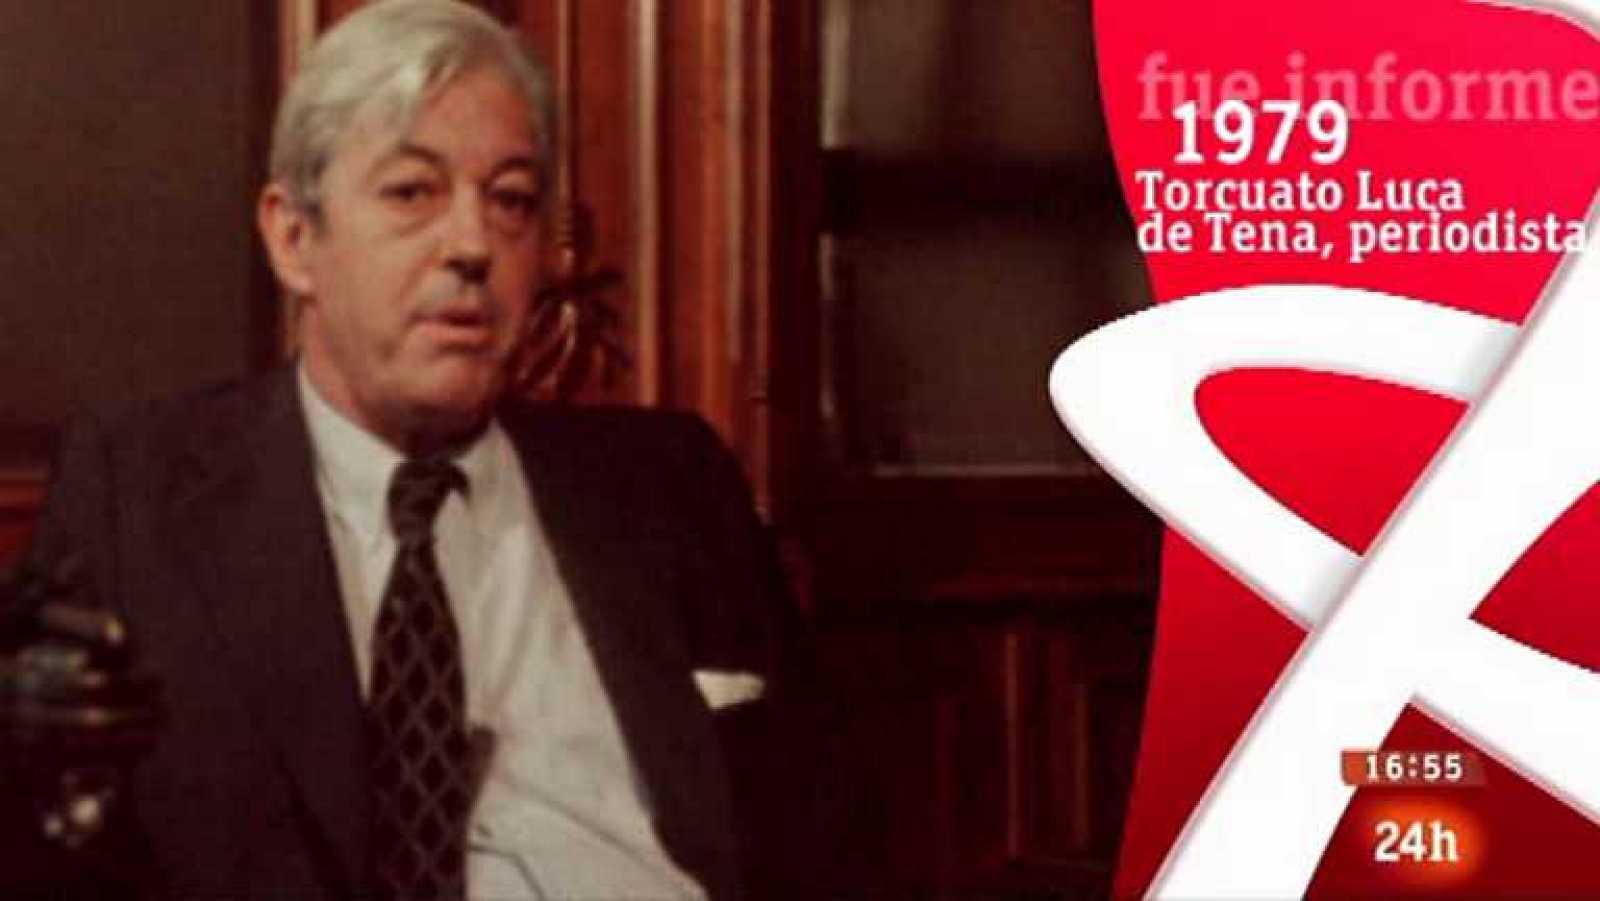 Fue Informe - Torcuato Luca de Tena, periodista (1979) - ver ahora